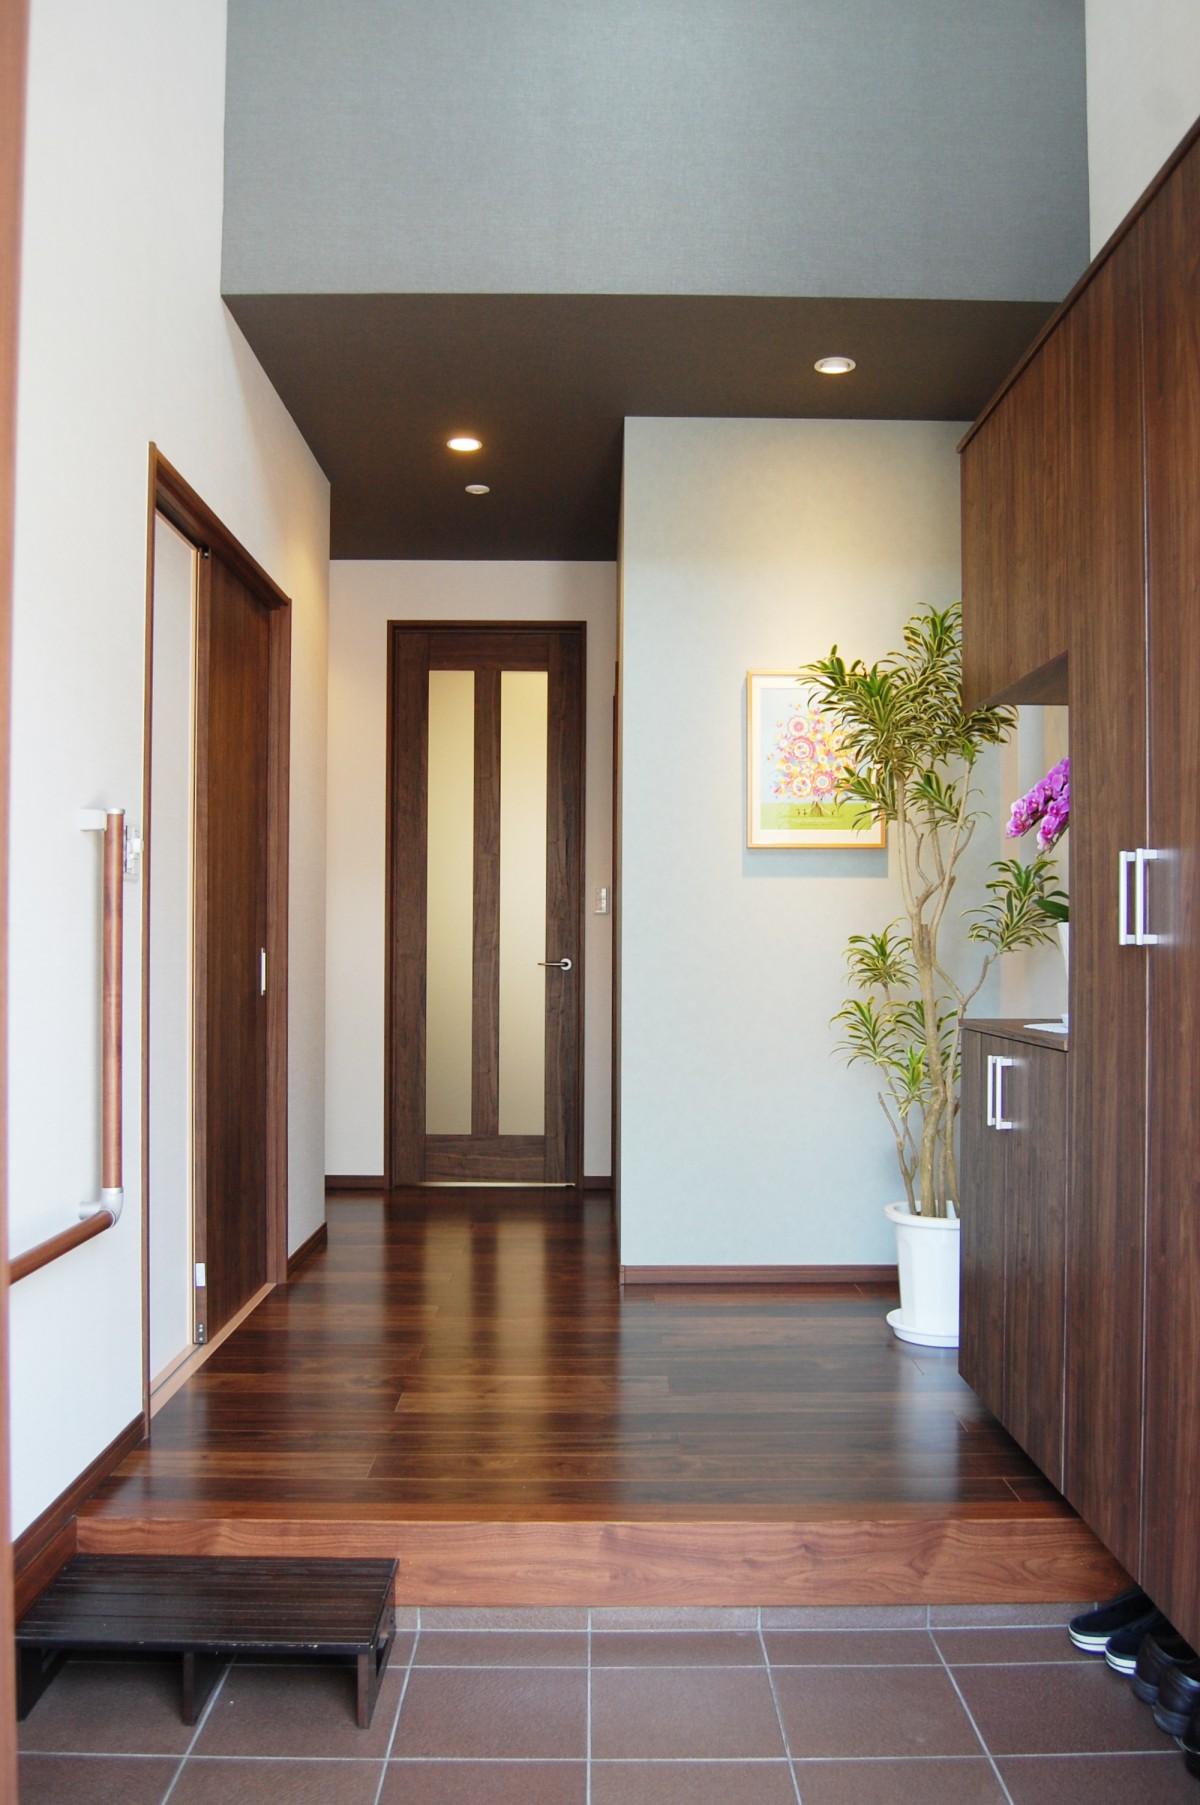 上部が吹抜けになった、明るく開放的な玄関。 2階に居ても家族の帰宅を迎えられる